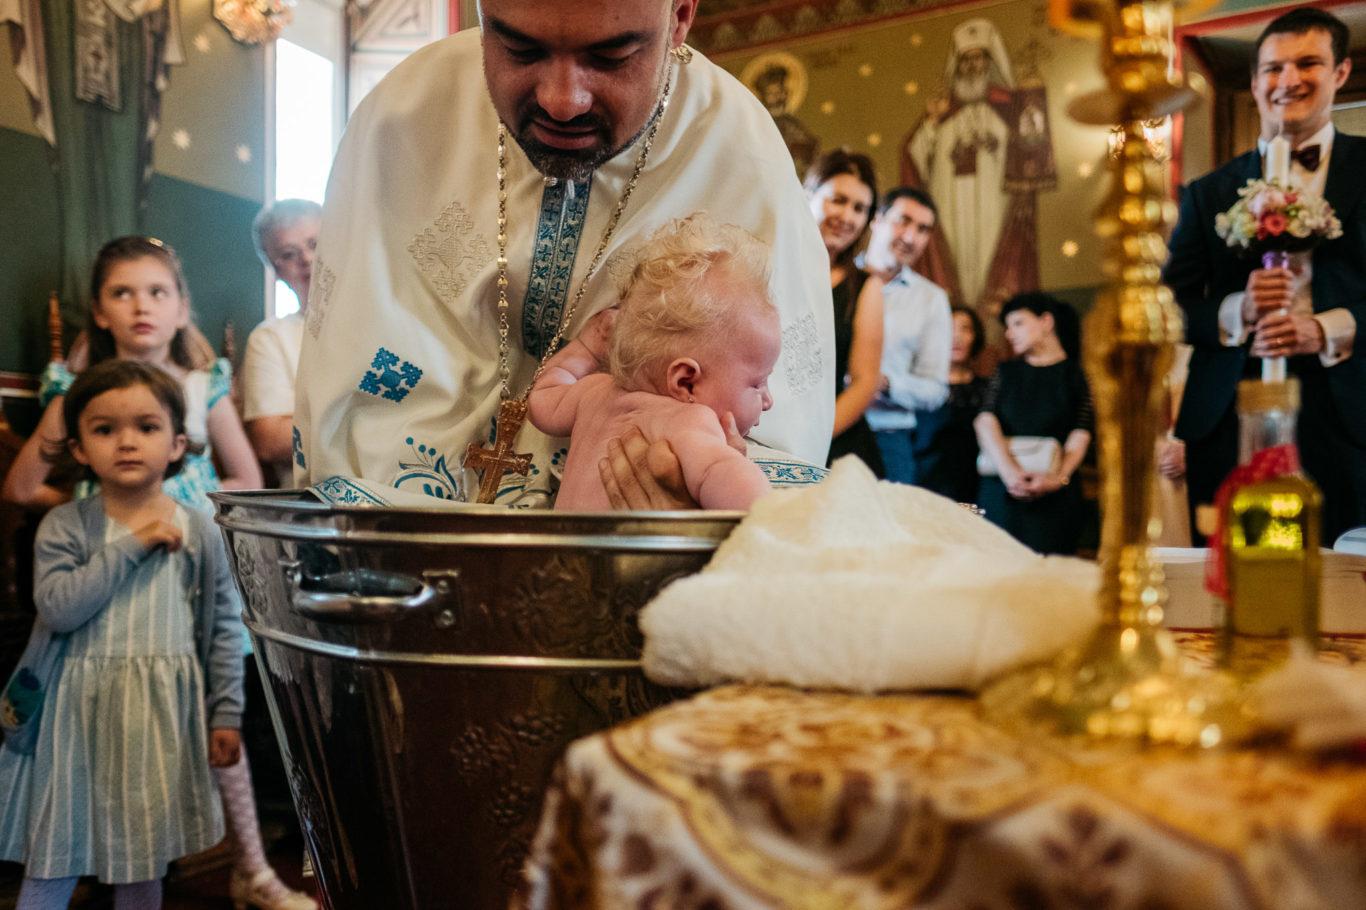 0084-Fotografie-nunta-botez-Ingrid-Geta-Mihai-fotograf-Ciprian-Dumitrescu-DSCF2893